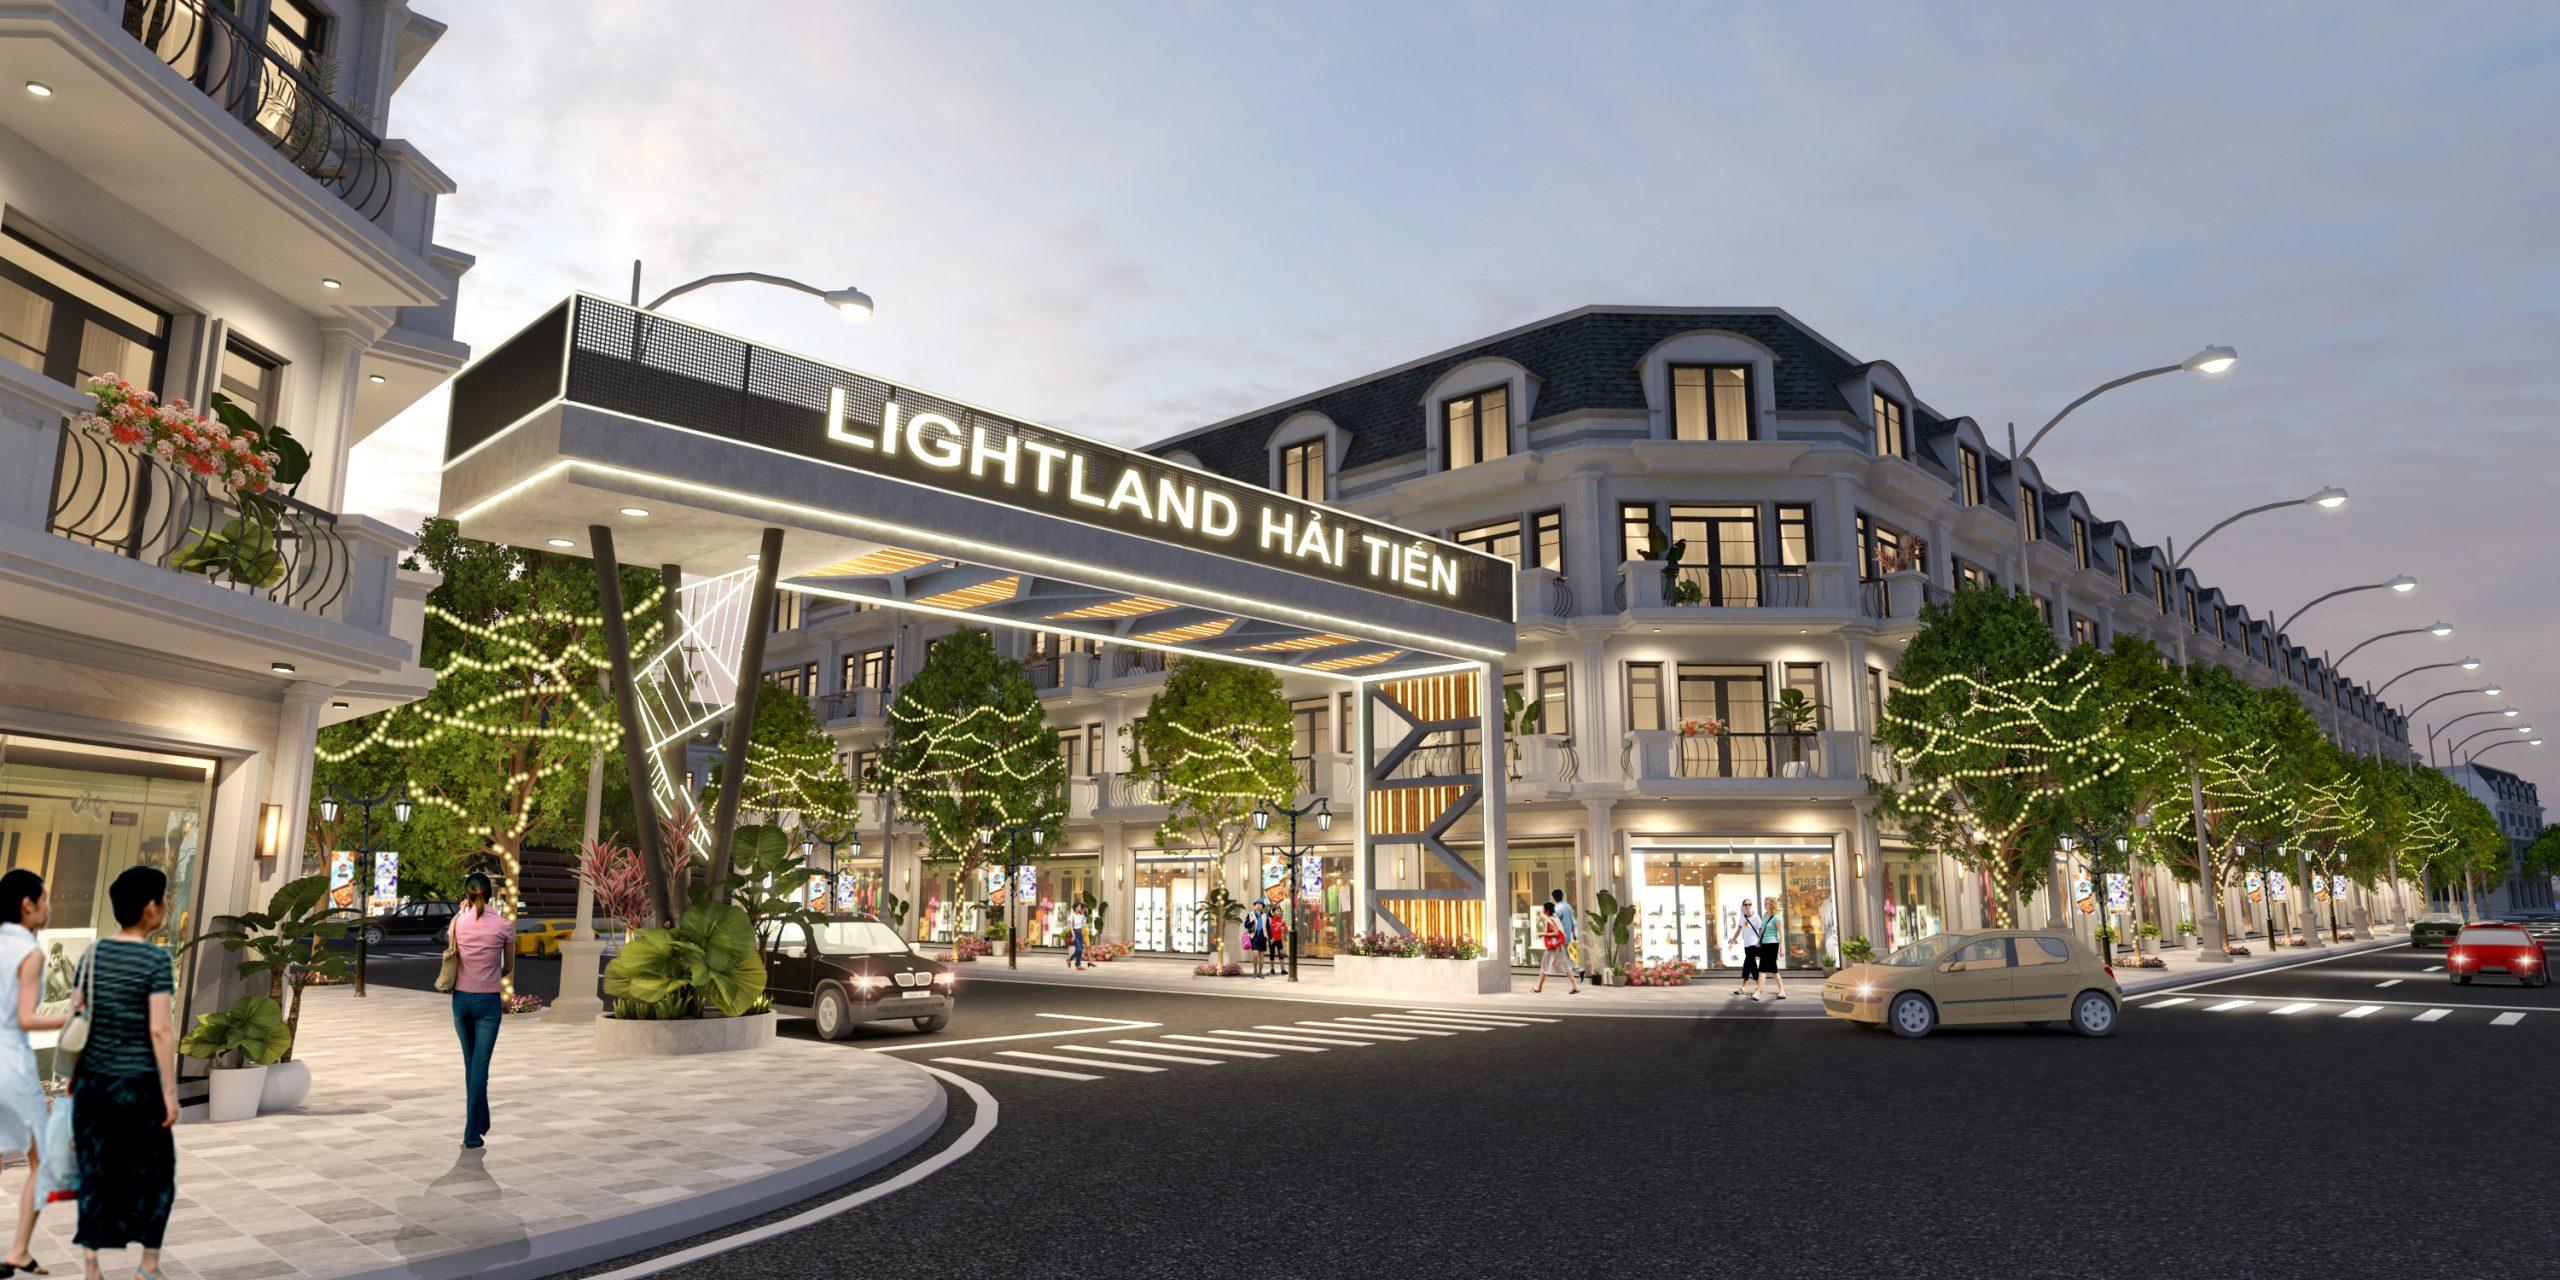 Khu dân cư thương mại & chợ Vực – Lightland Hải Tiến